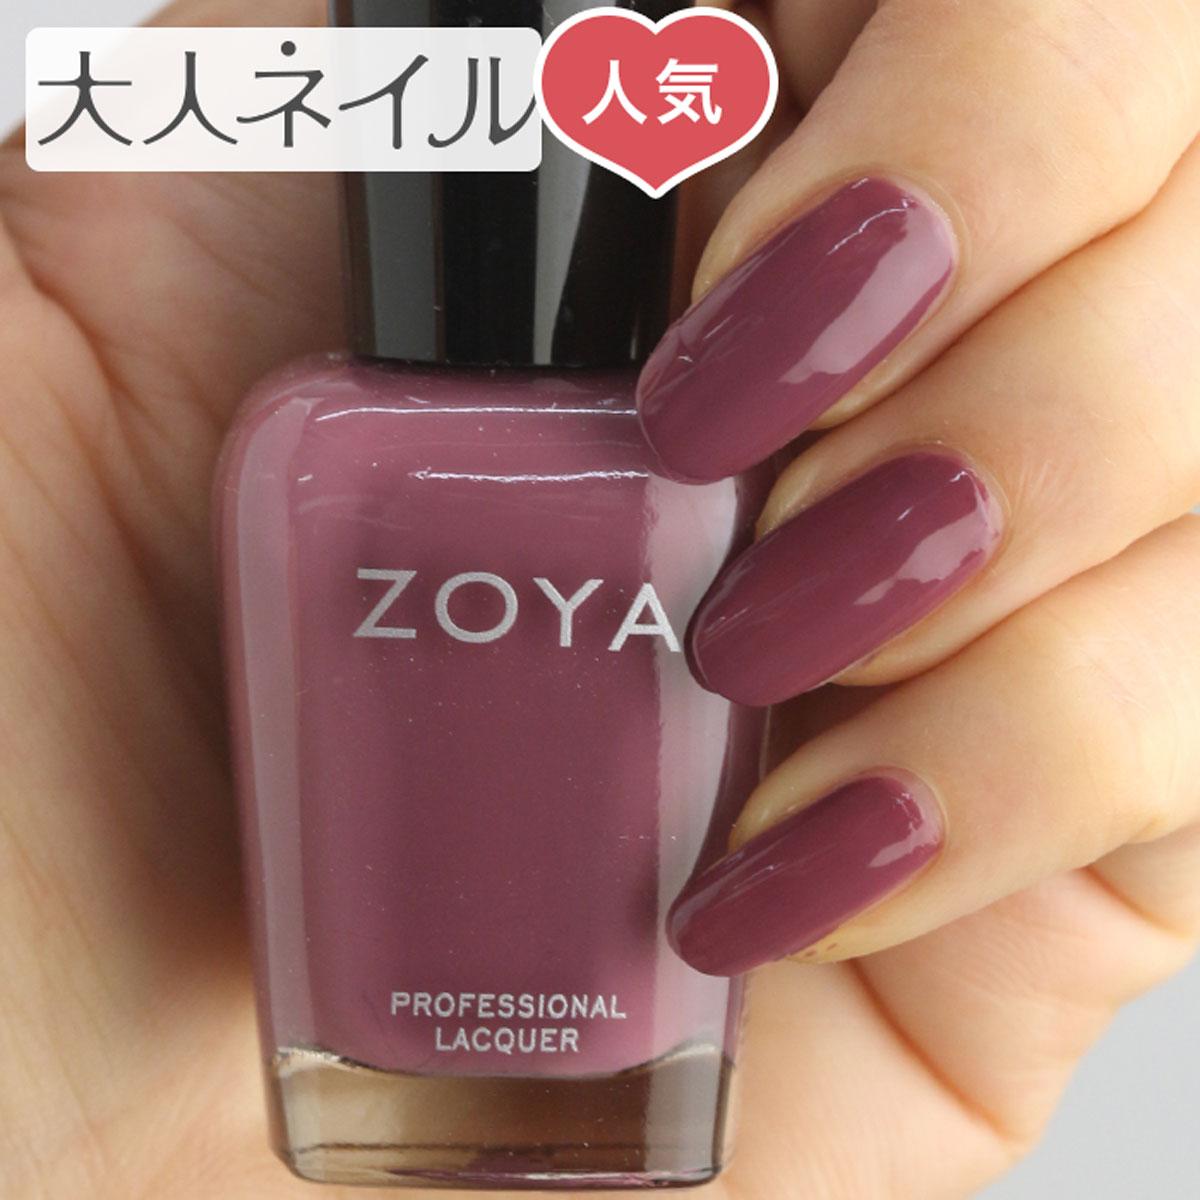 ZOYA ゾーヤ ゾヤ ネイルカラー ZP907 15mL Joni SOPHISTICATES 自爪 の為に作られた ネイル にやさしい 自然派 マニキュア zoya セルフネイル にもおすすめ シック クール プラム 赤紫 あずき 秋ネイル 秋カラー 人気 トップ5